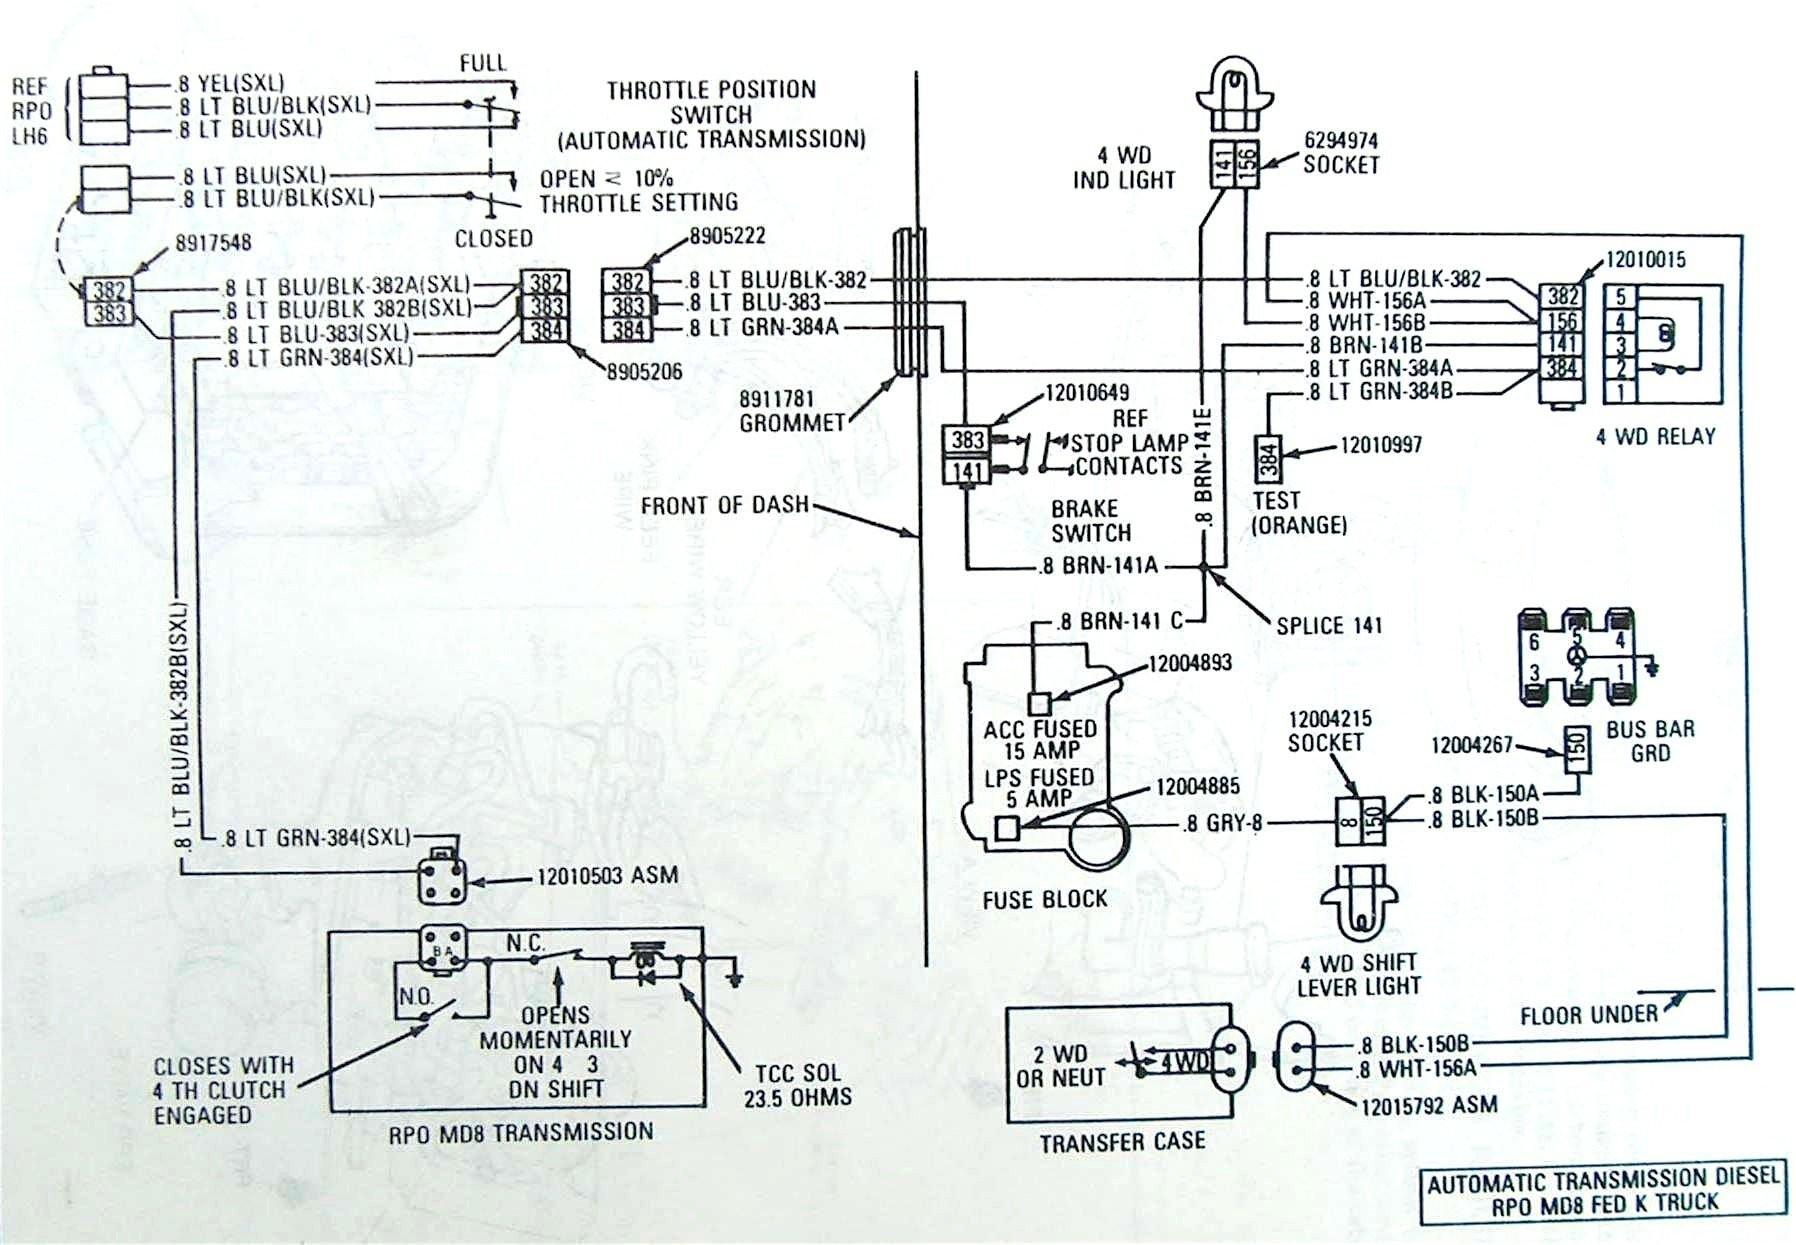 700r4 Transmission Wiring Diagram 700r4 Lockup Wiring Diagram 5af81fabe7a4f In